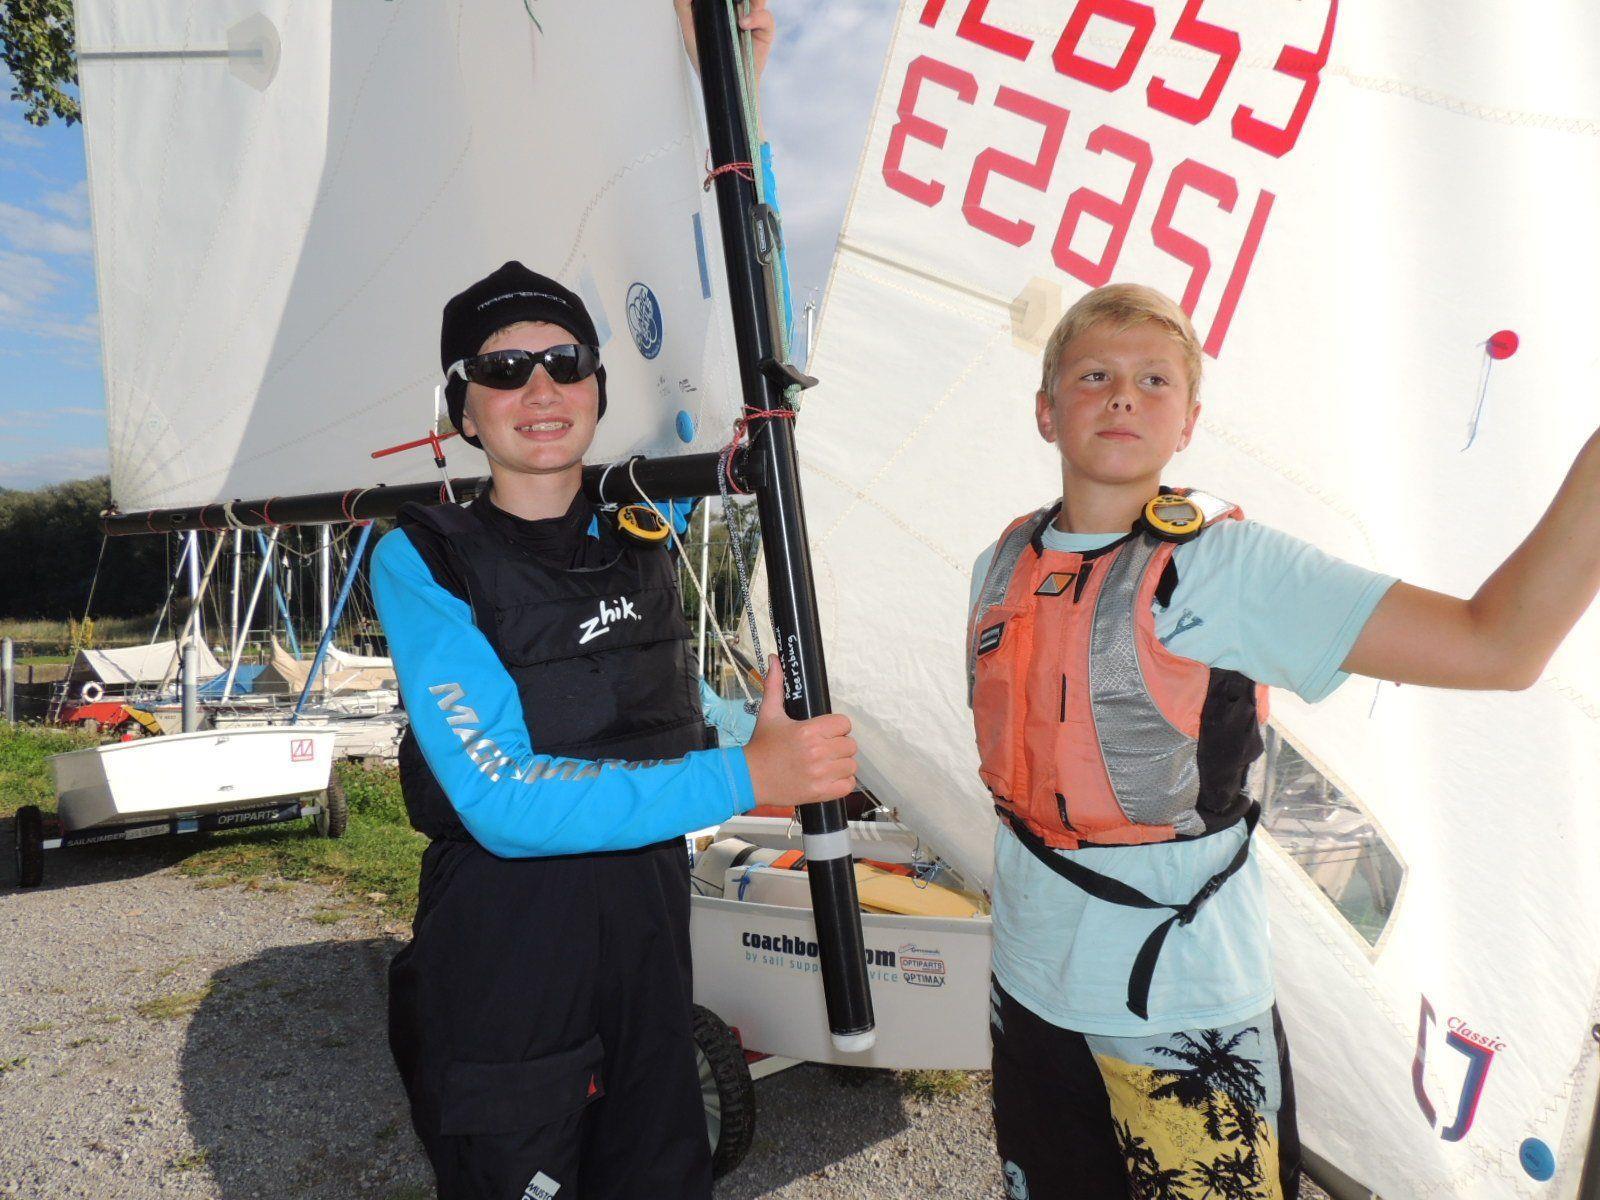 Patrick und Fridolin aus Deutschland kamen zur Meisterschaft der Optimisten nach Bregenz